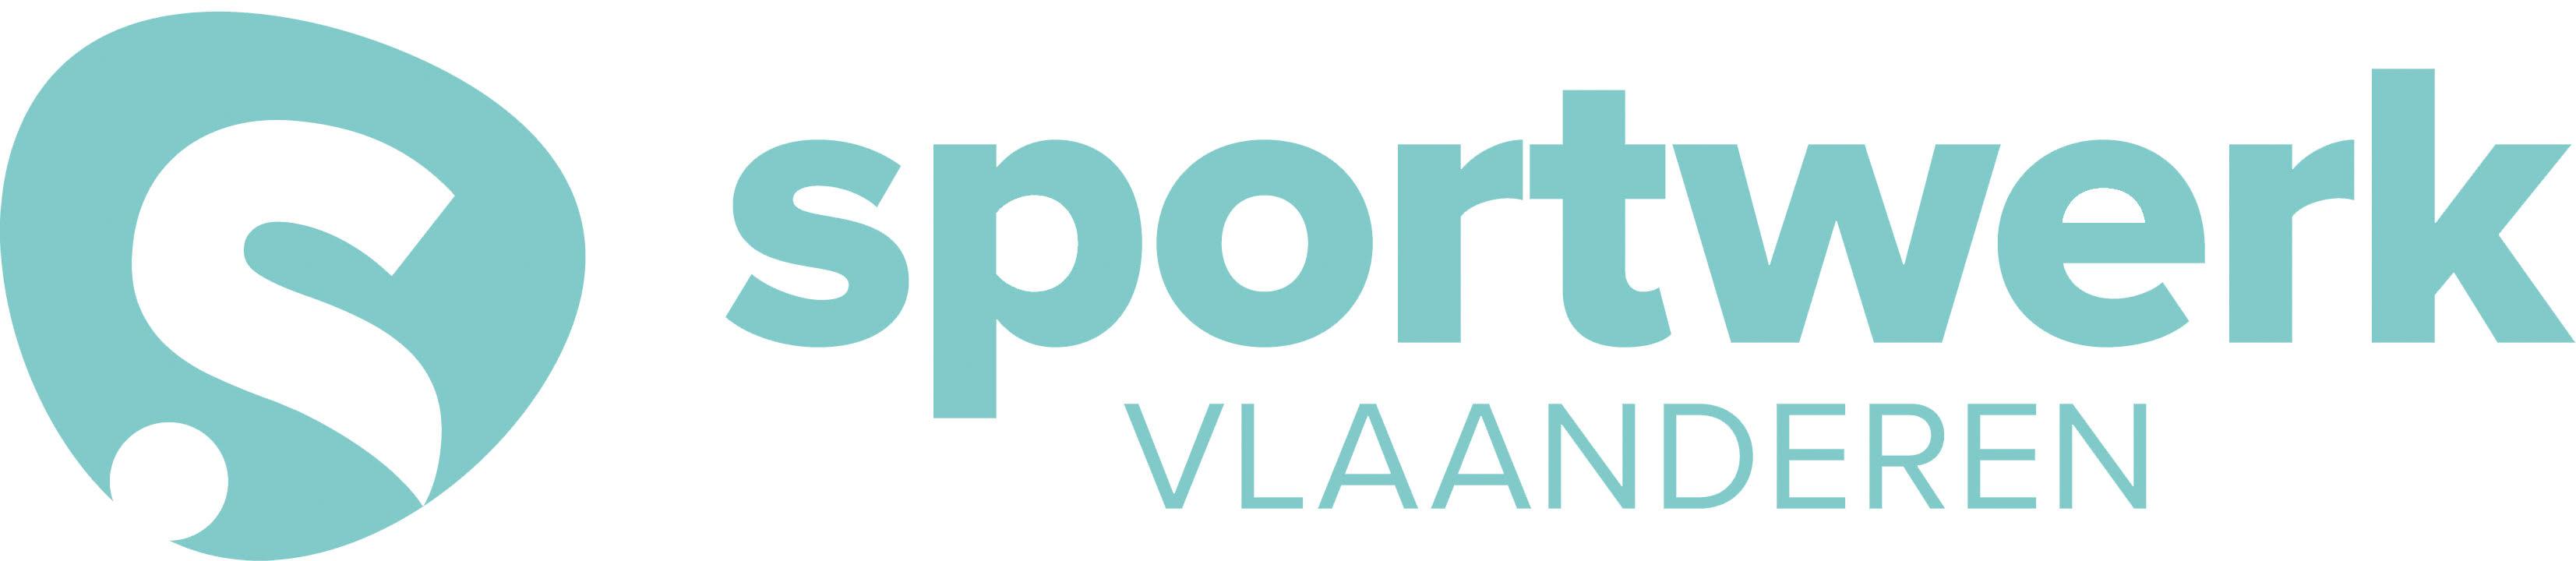 Sportwerk Vlaanderen